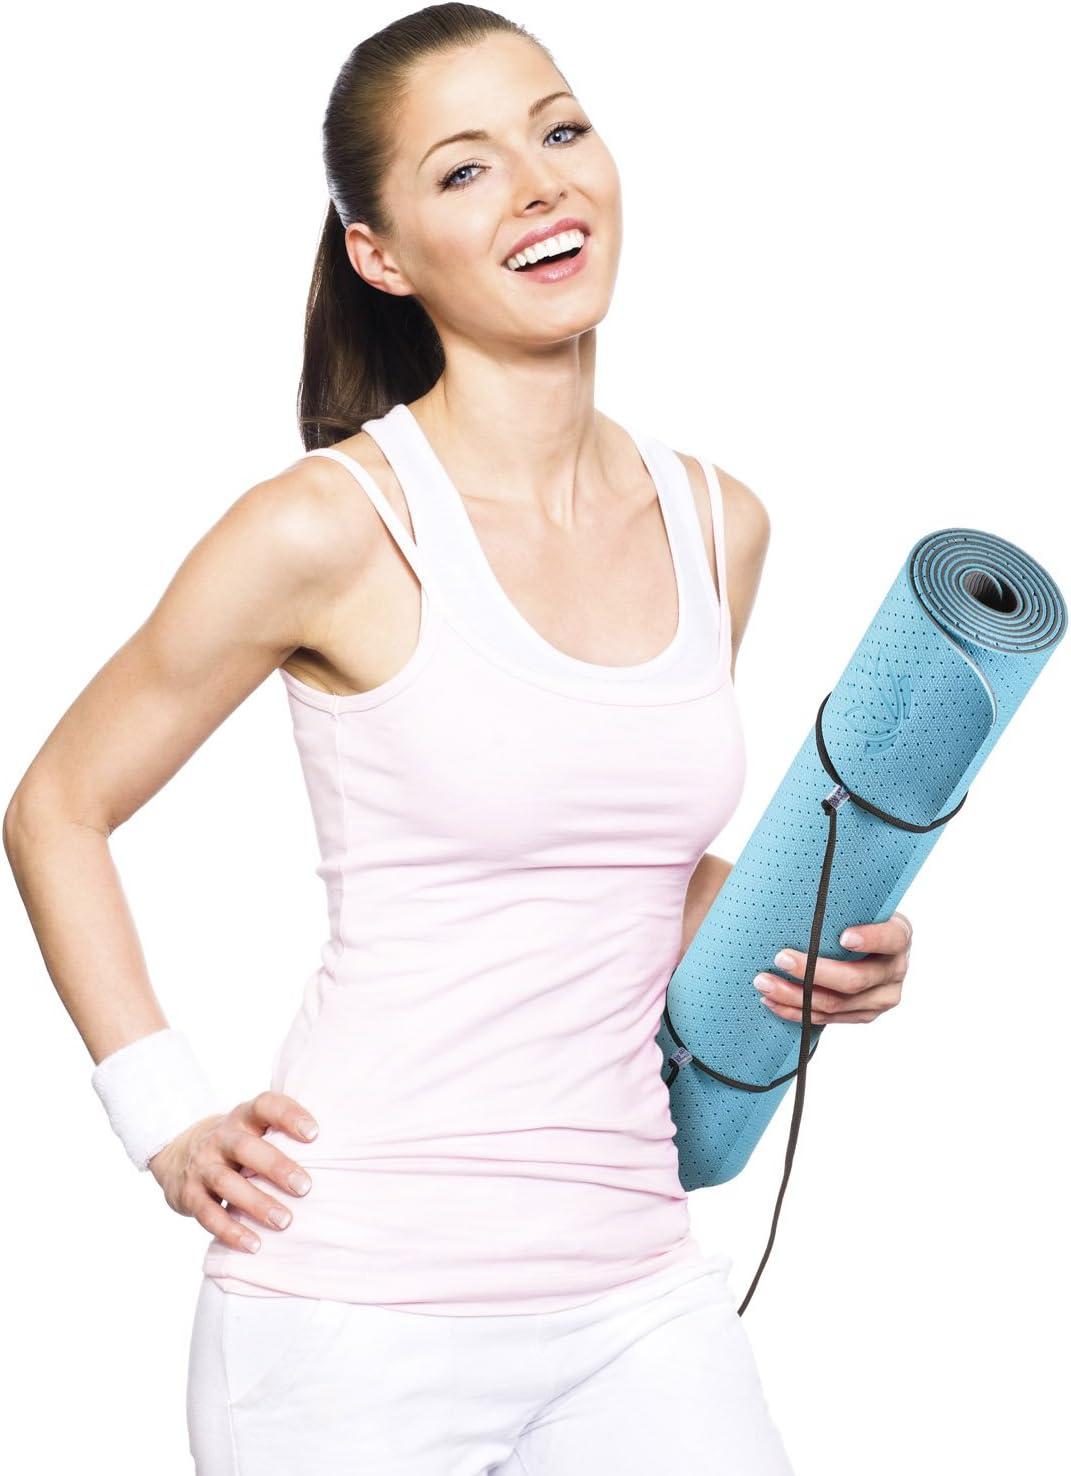 Goods /& Gadgets Body /& Mind Yogamatte weich und schadstoff-frei Trageschlaufen extrem rutschfest umweltfreundliche 183 x 61 x 0,5cm inkl Hypo-allergene Yoga TPE-Matte